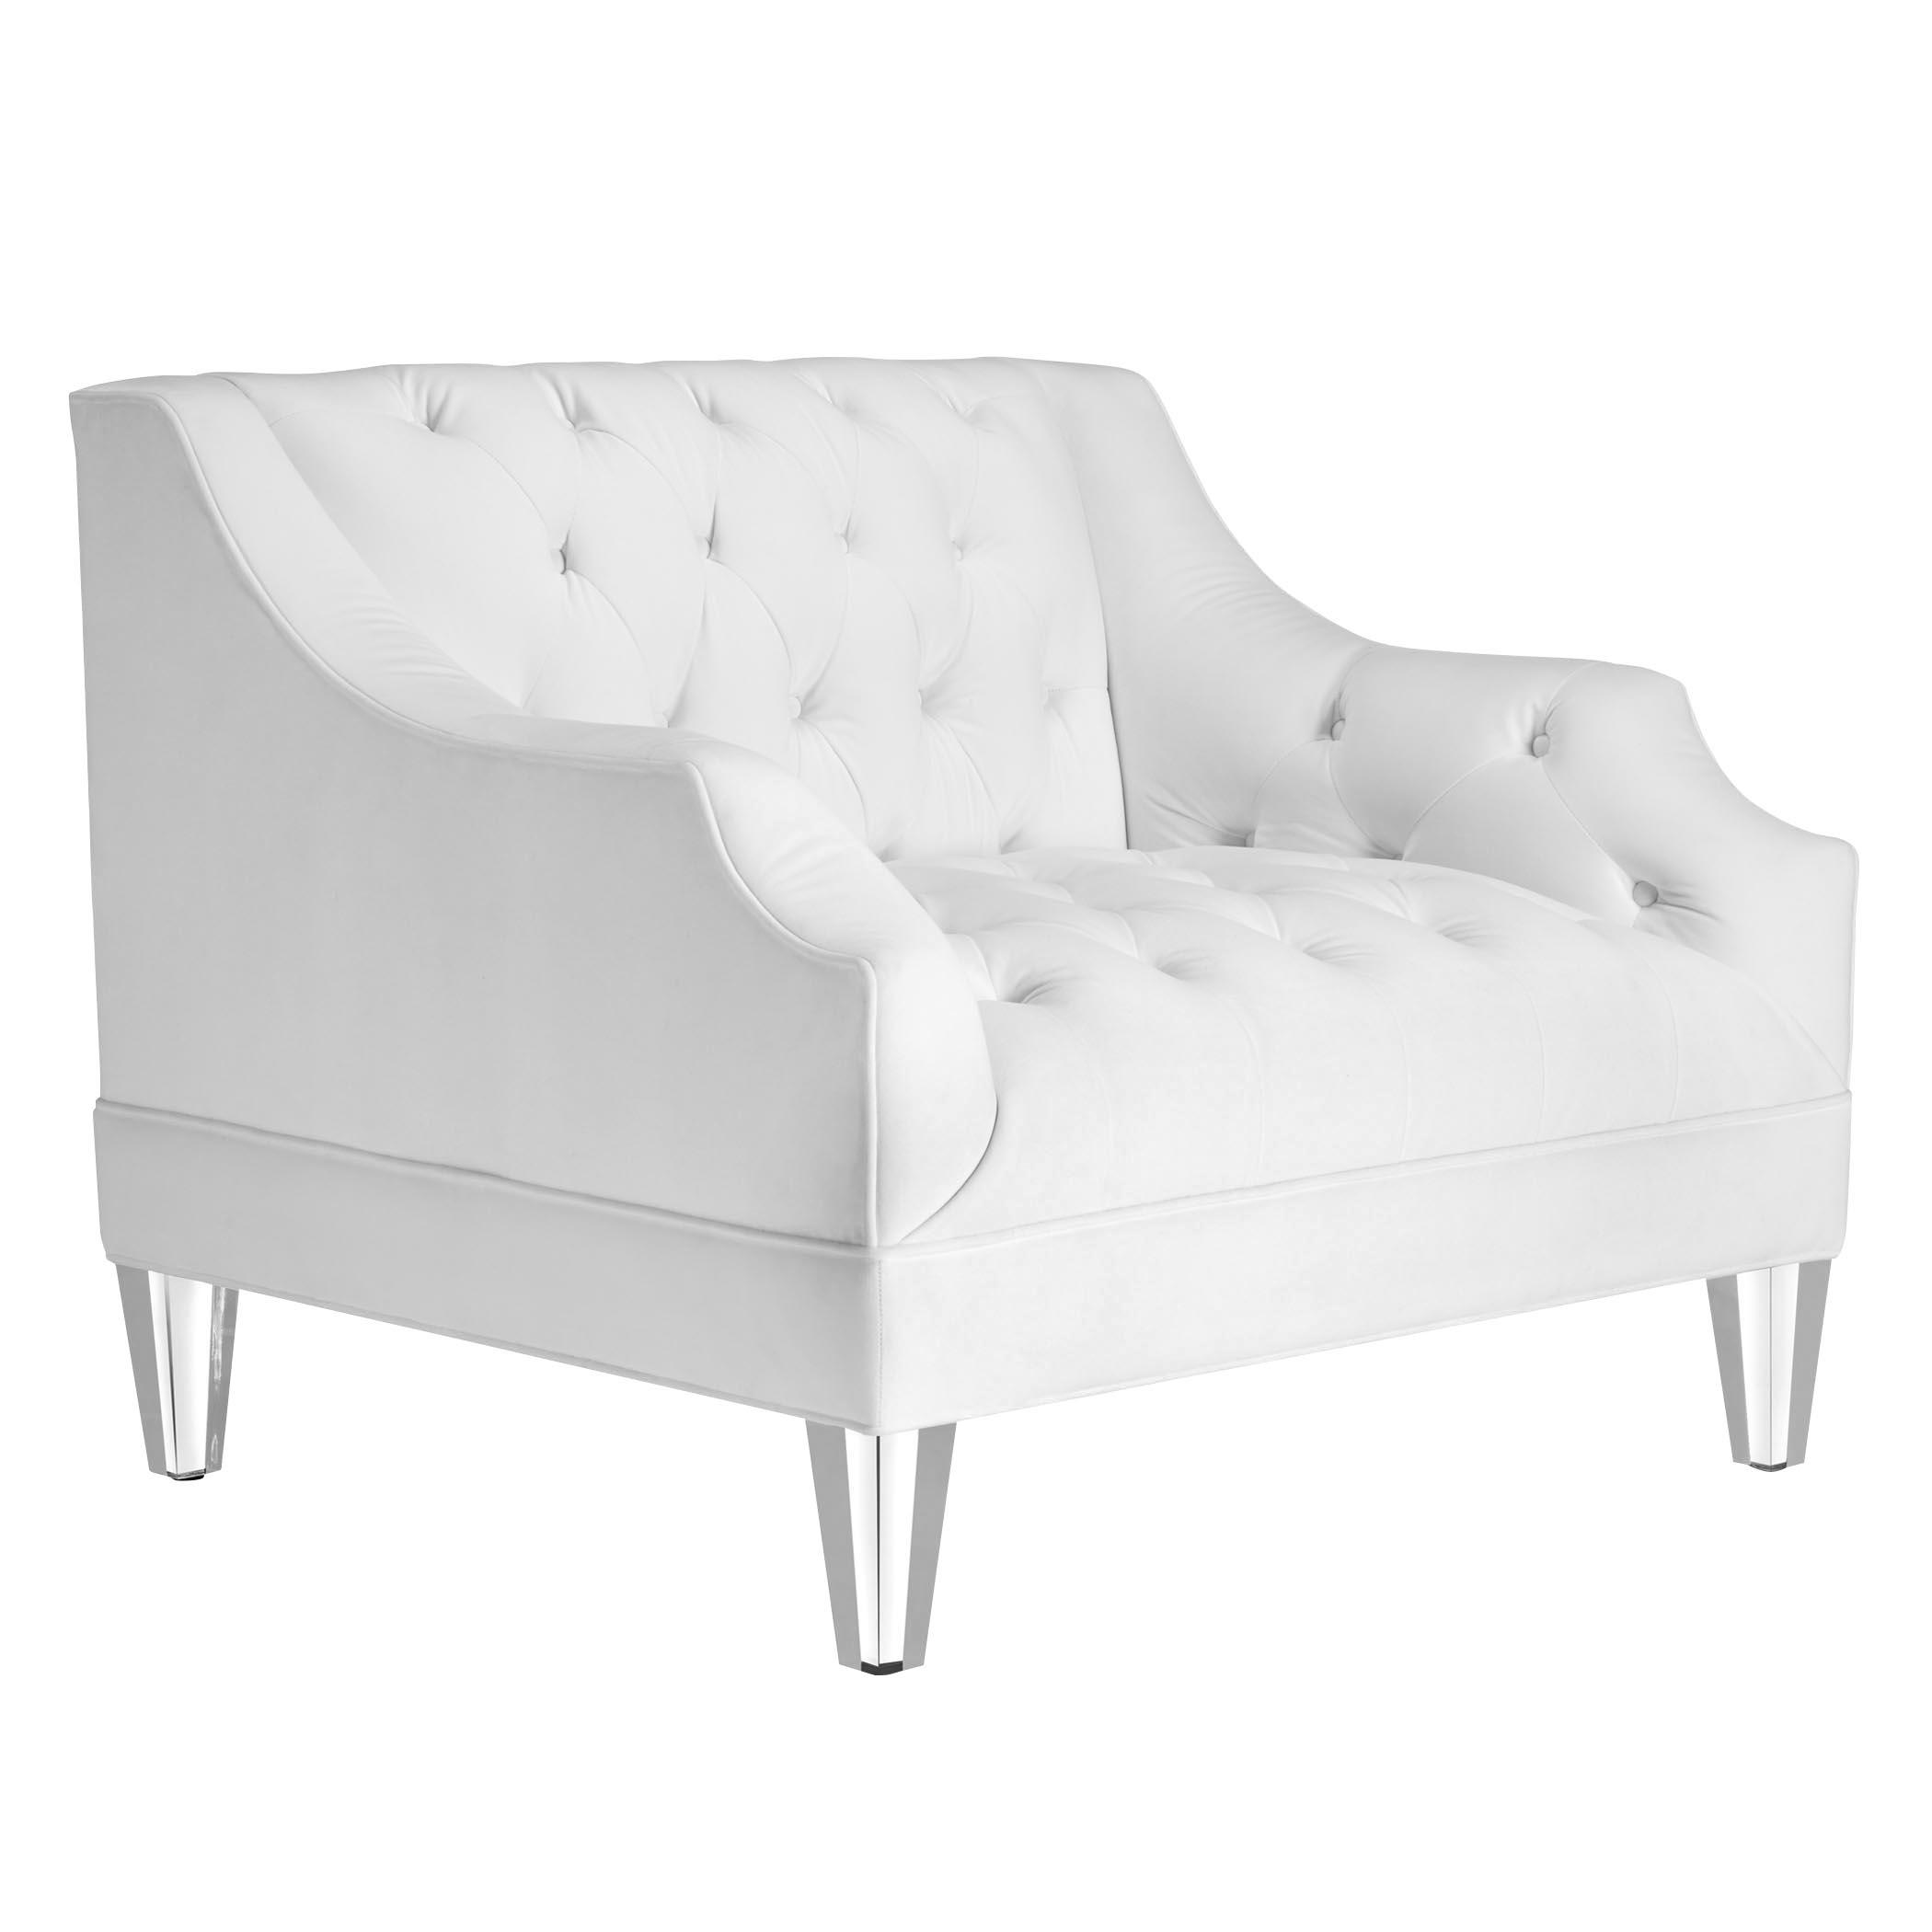 Simone Chair